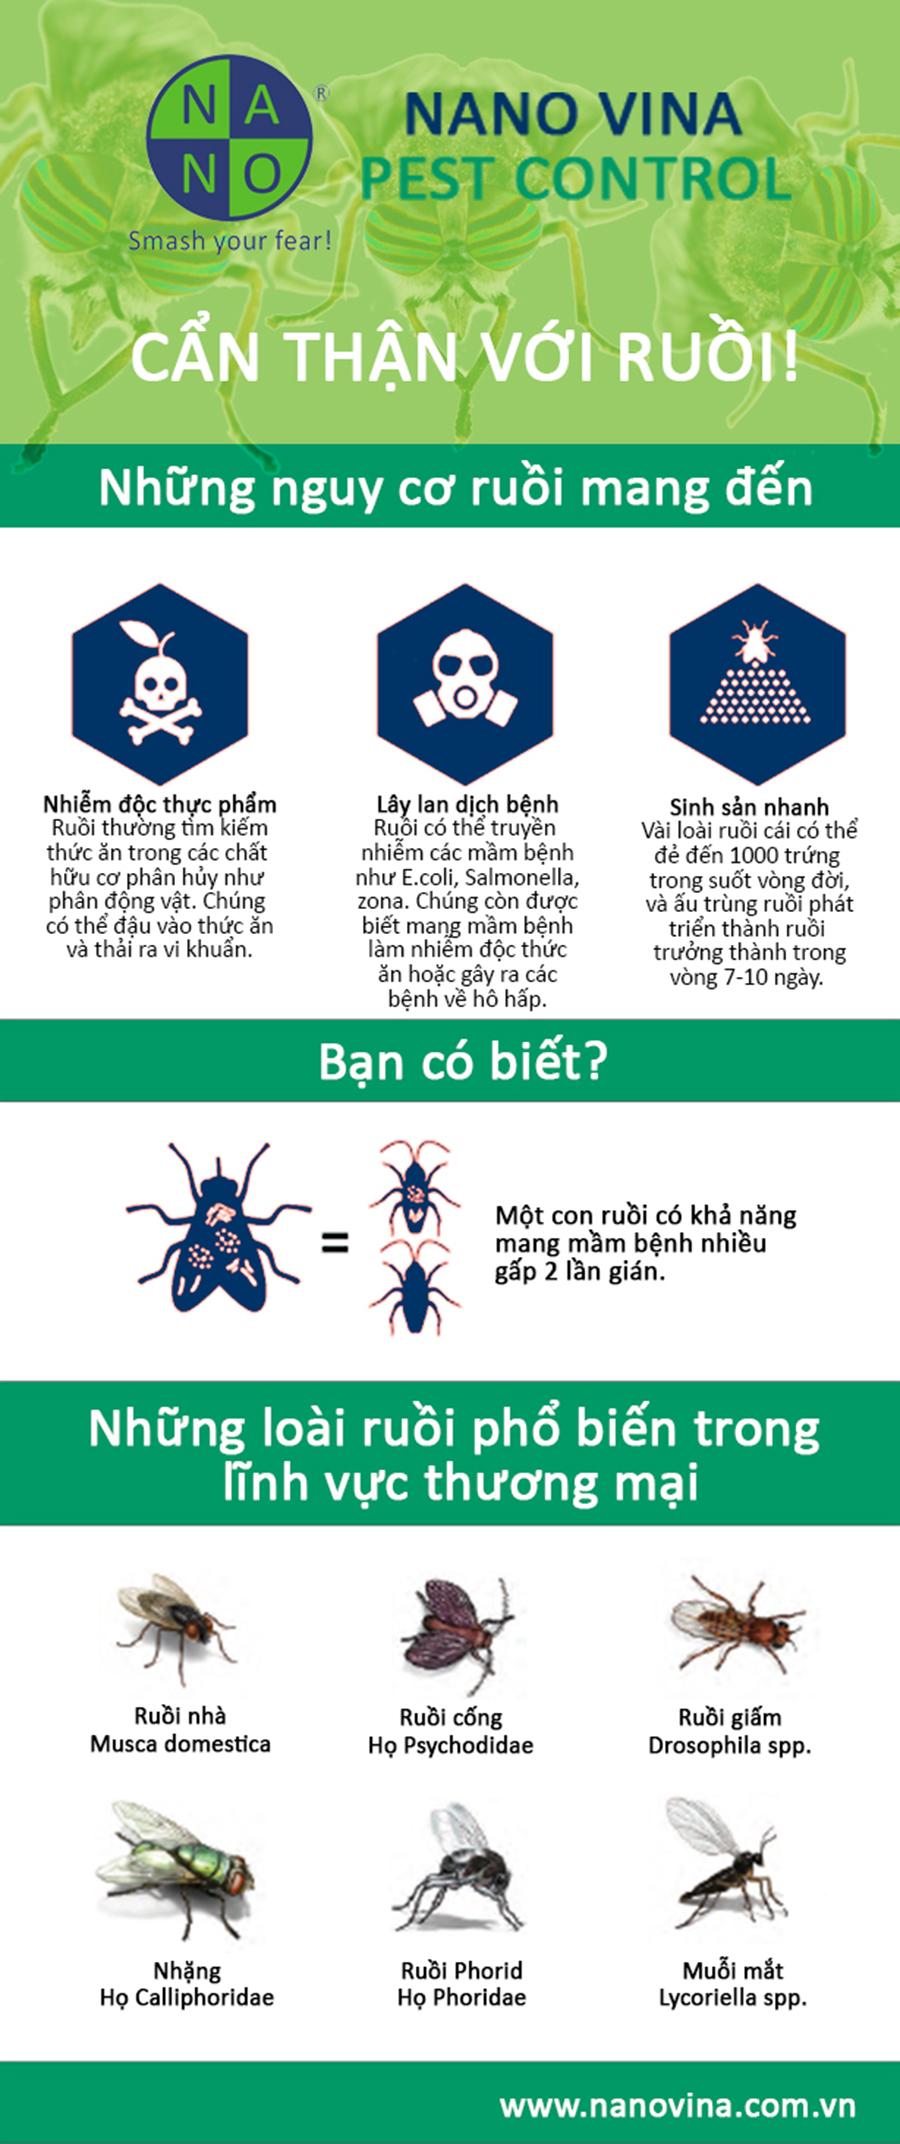 Cẩn thận với ruồi